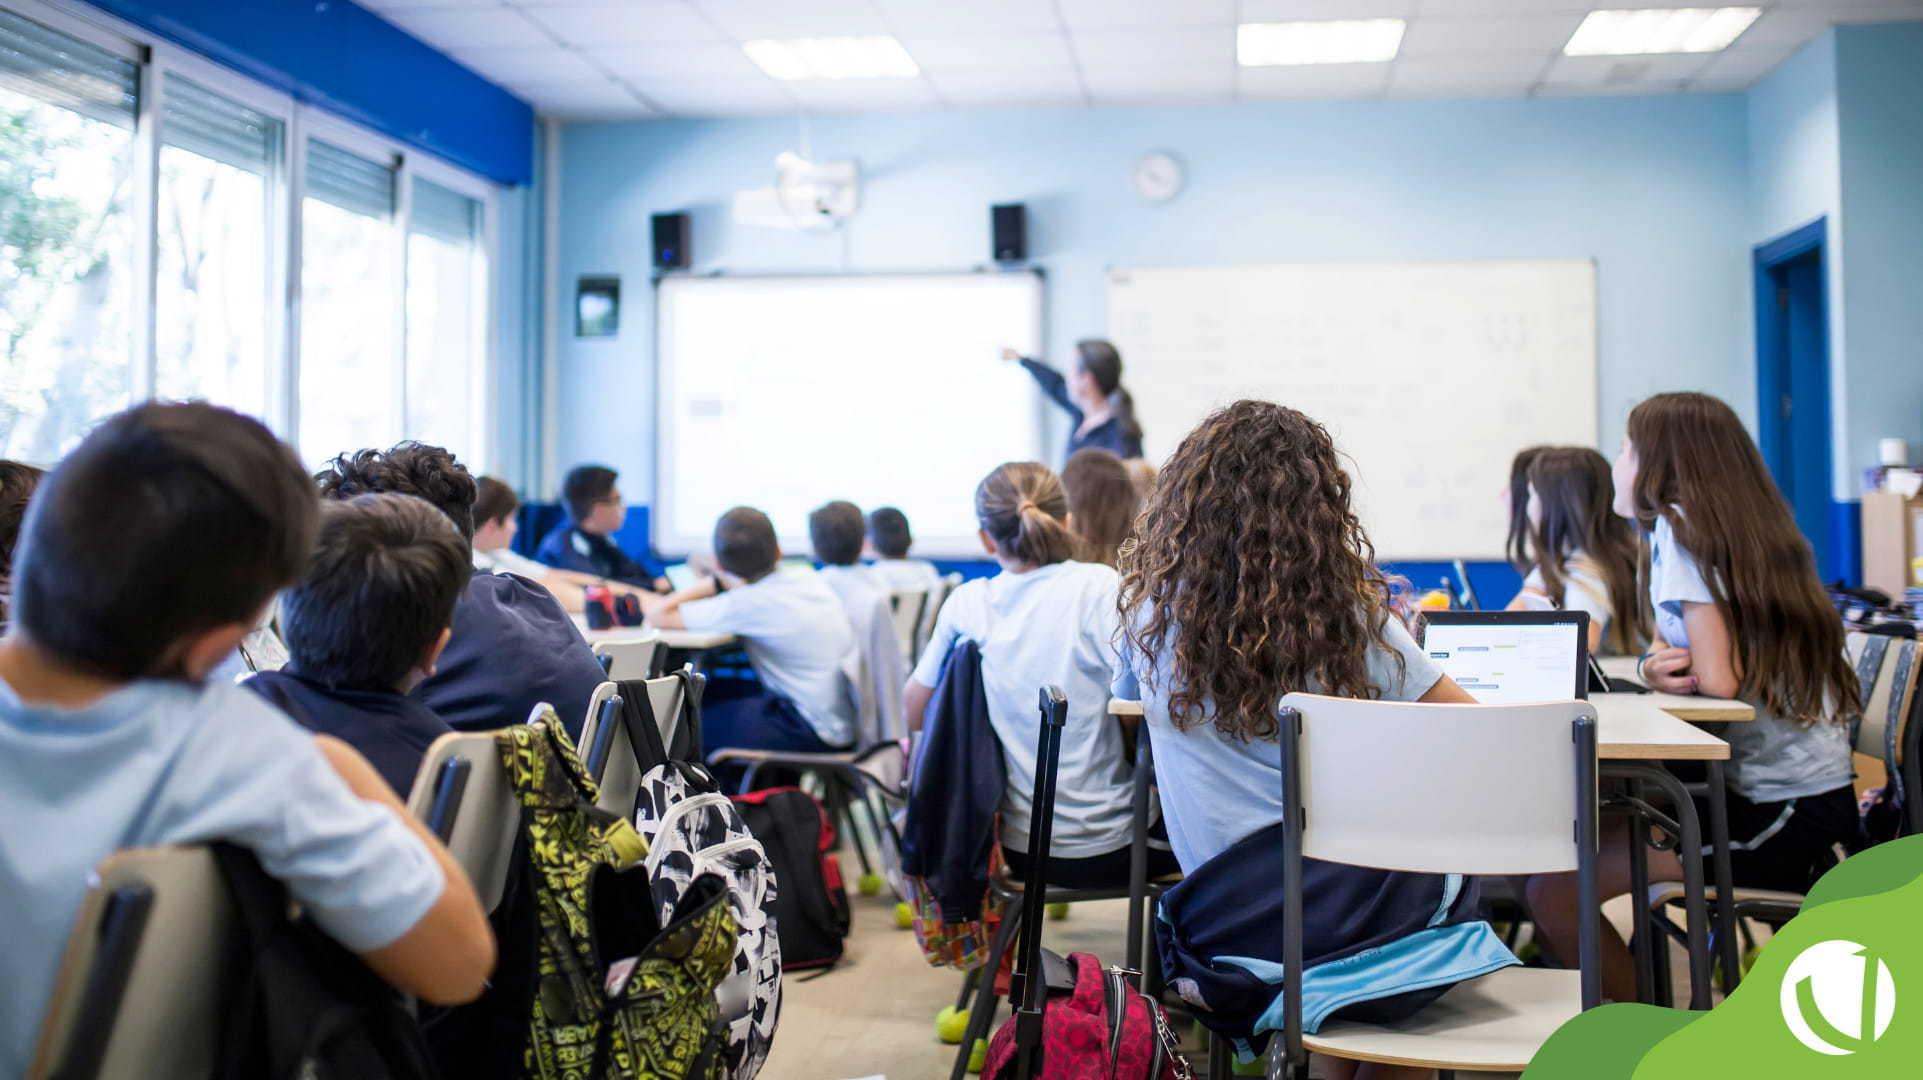 formação de turmas na escola